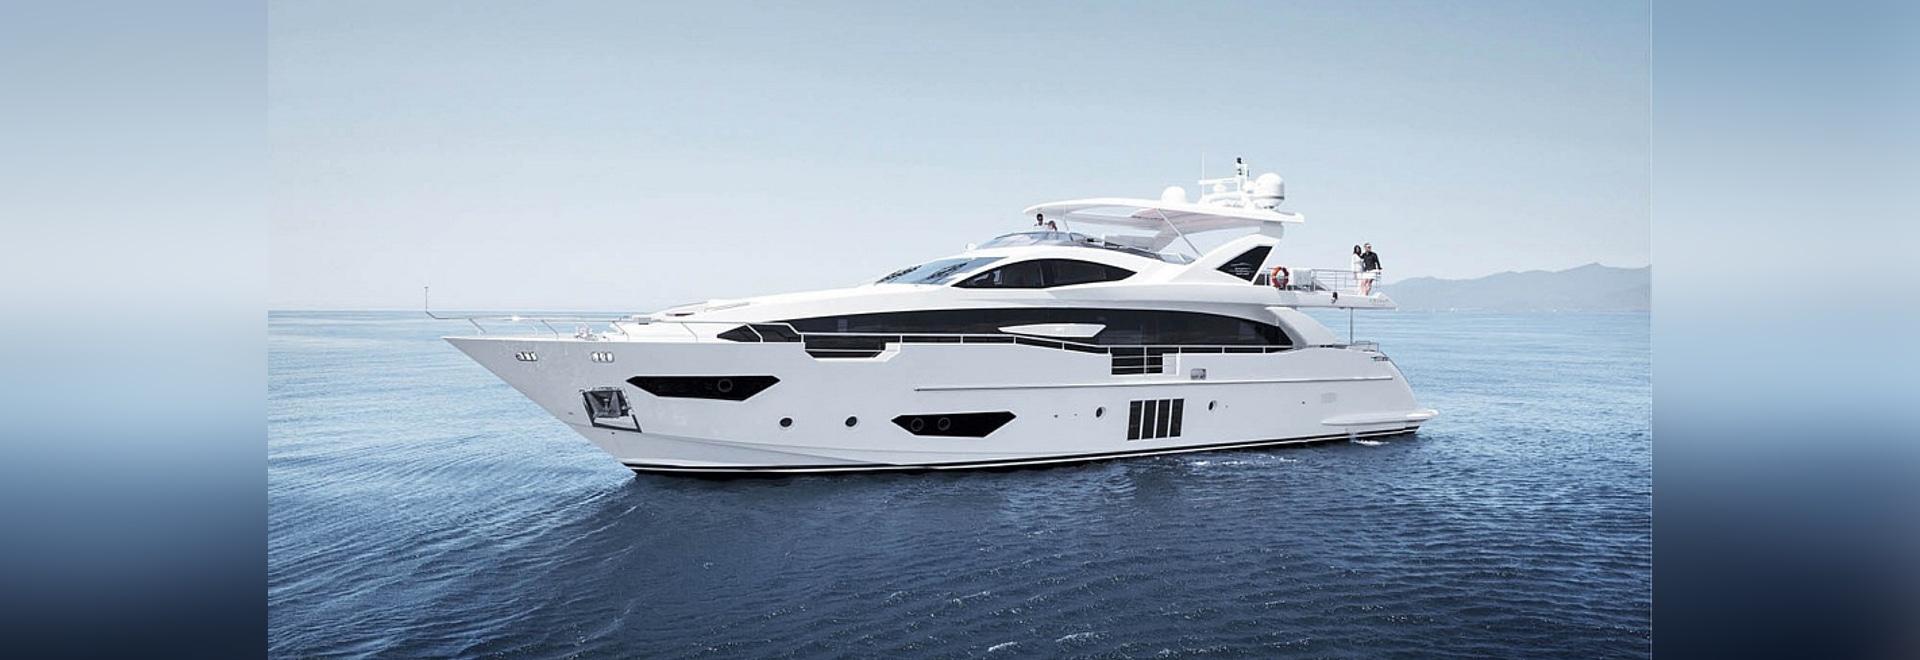 L'Azimut fait de la navigation de plaisance grand 95RPH, le plus cher à MIBS (la courtoisie des yachts d'Azimut)